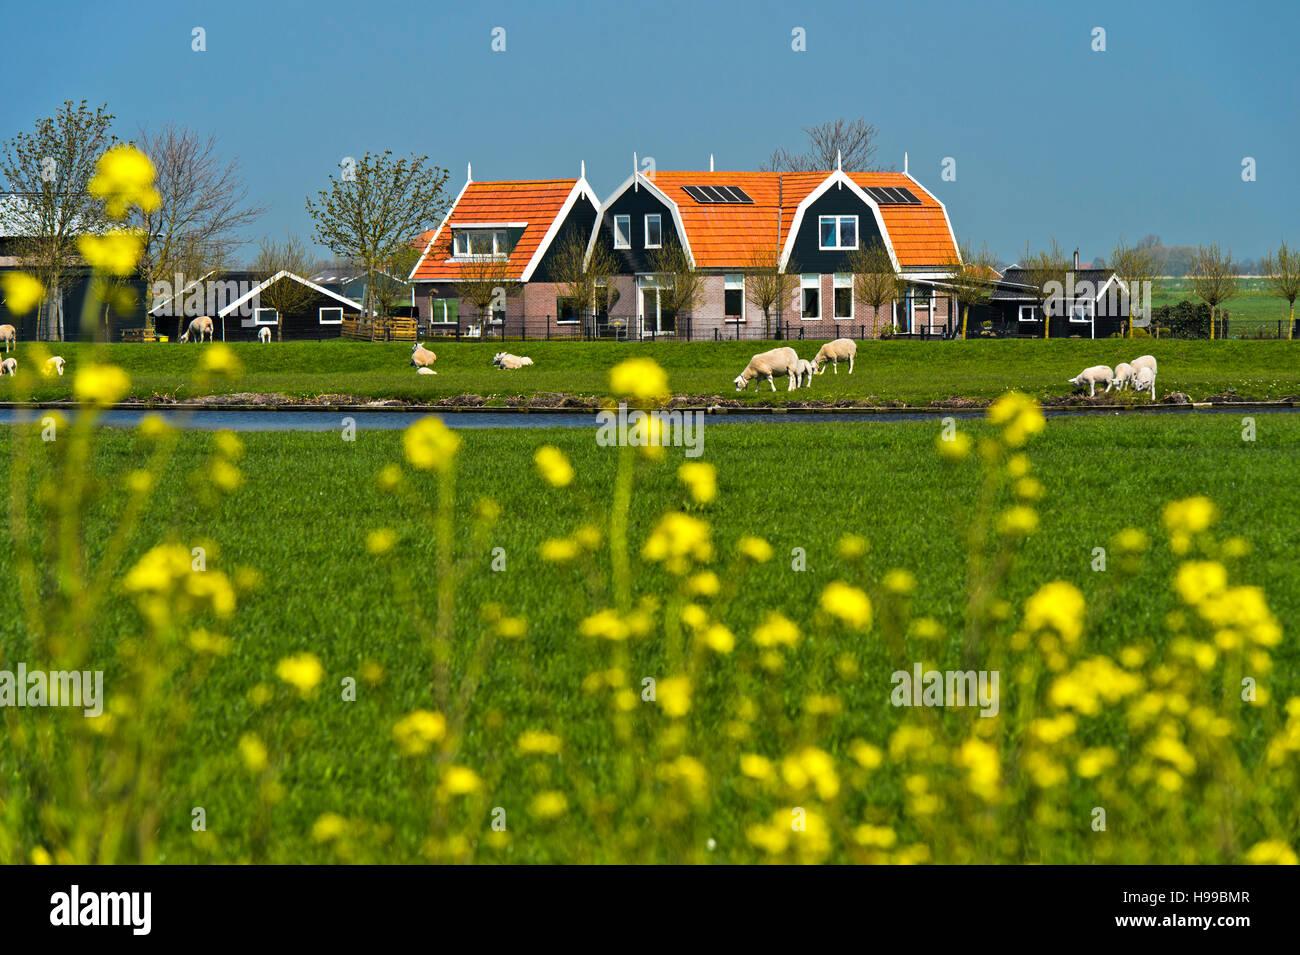 Bauernhaus in den Marschgebieten, Beemster, Waterland Region, Nord-Holland, Niederlande Stockbild